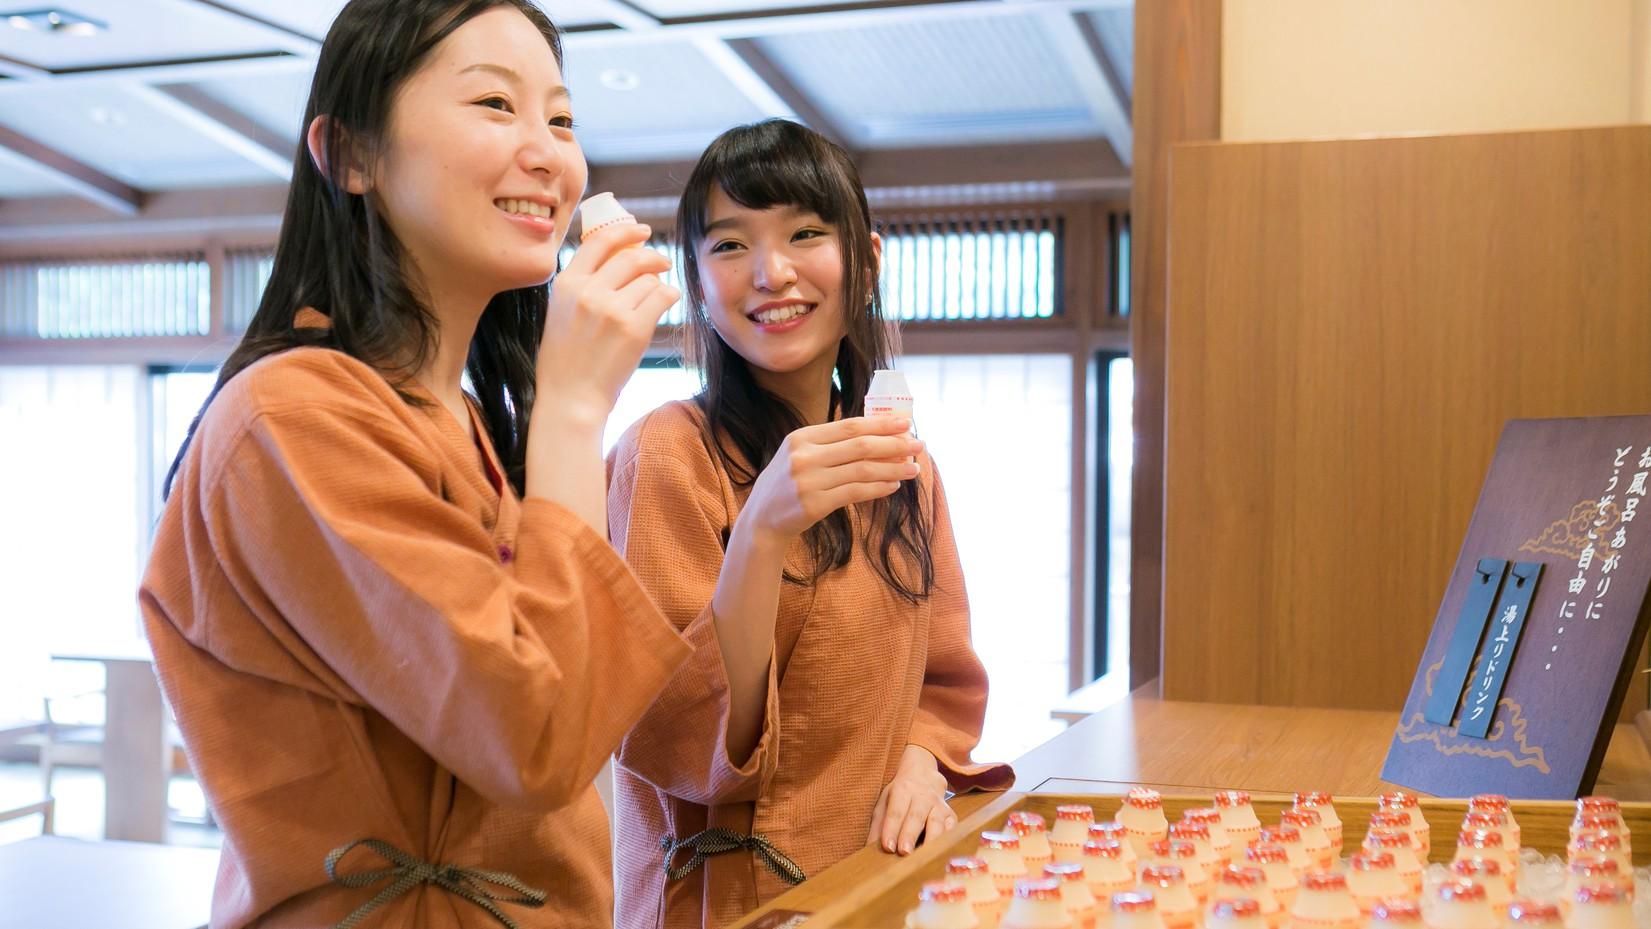 【サービス】湯上りの乳酸菌飲料(朝)